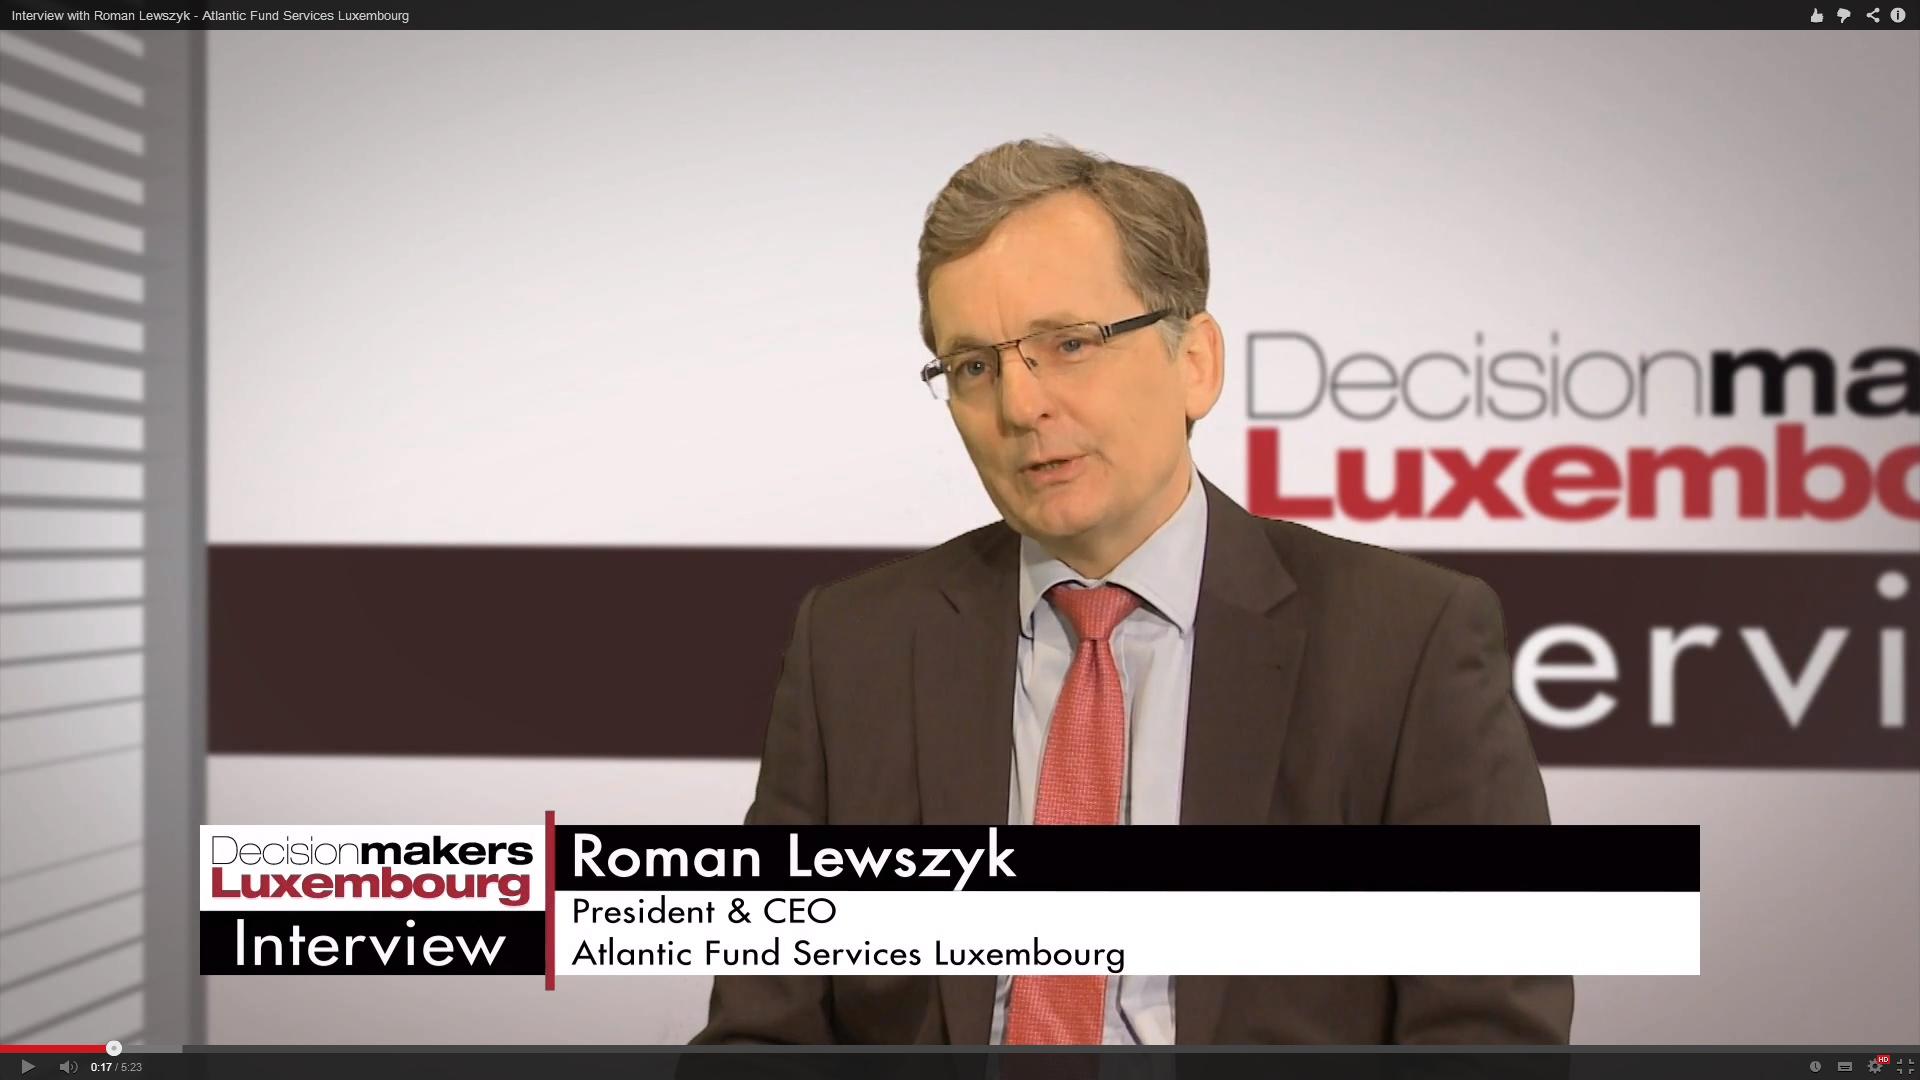 Roman Lewszyk